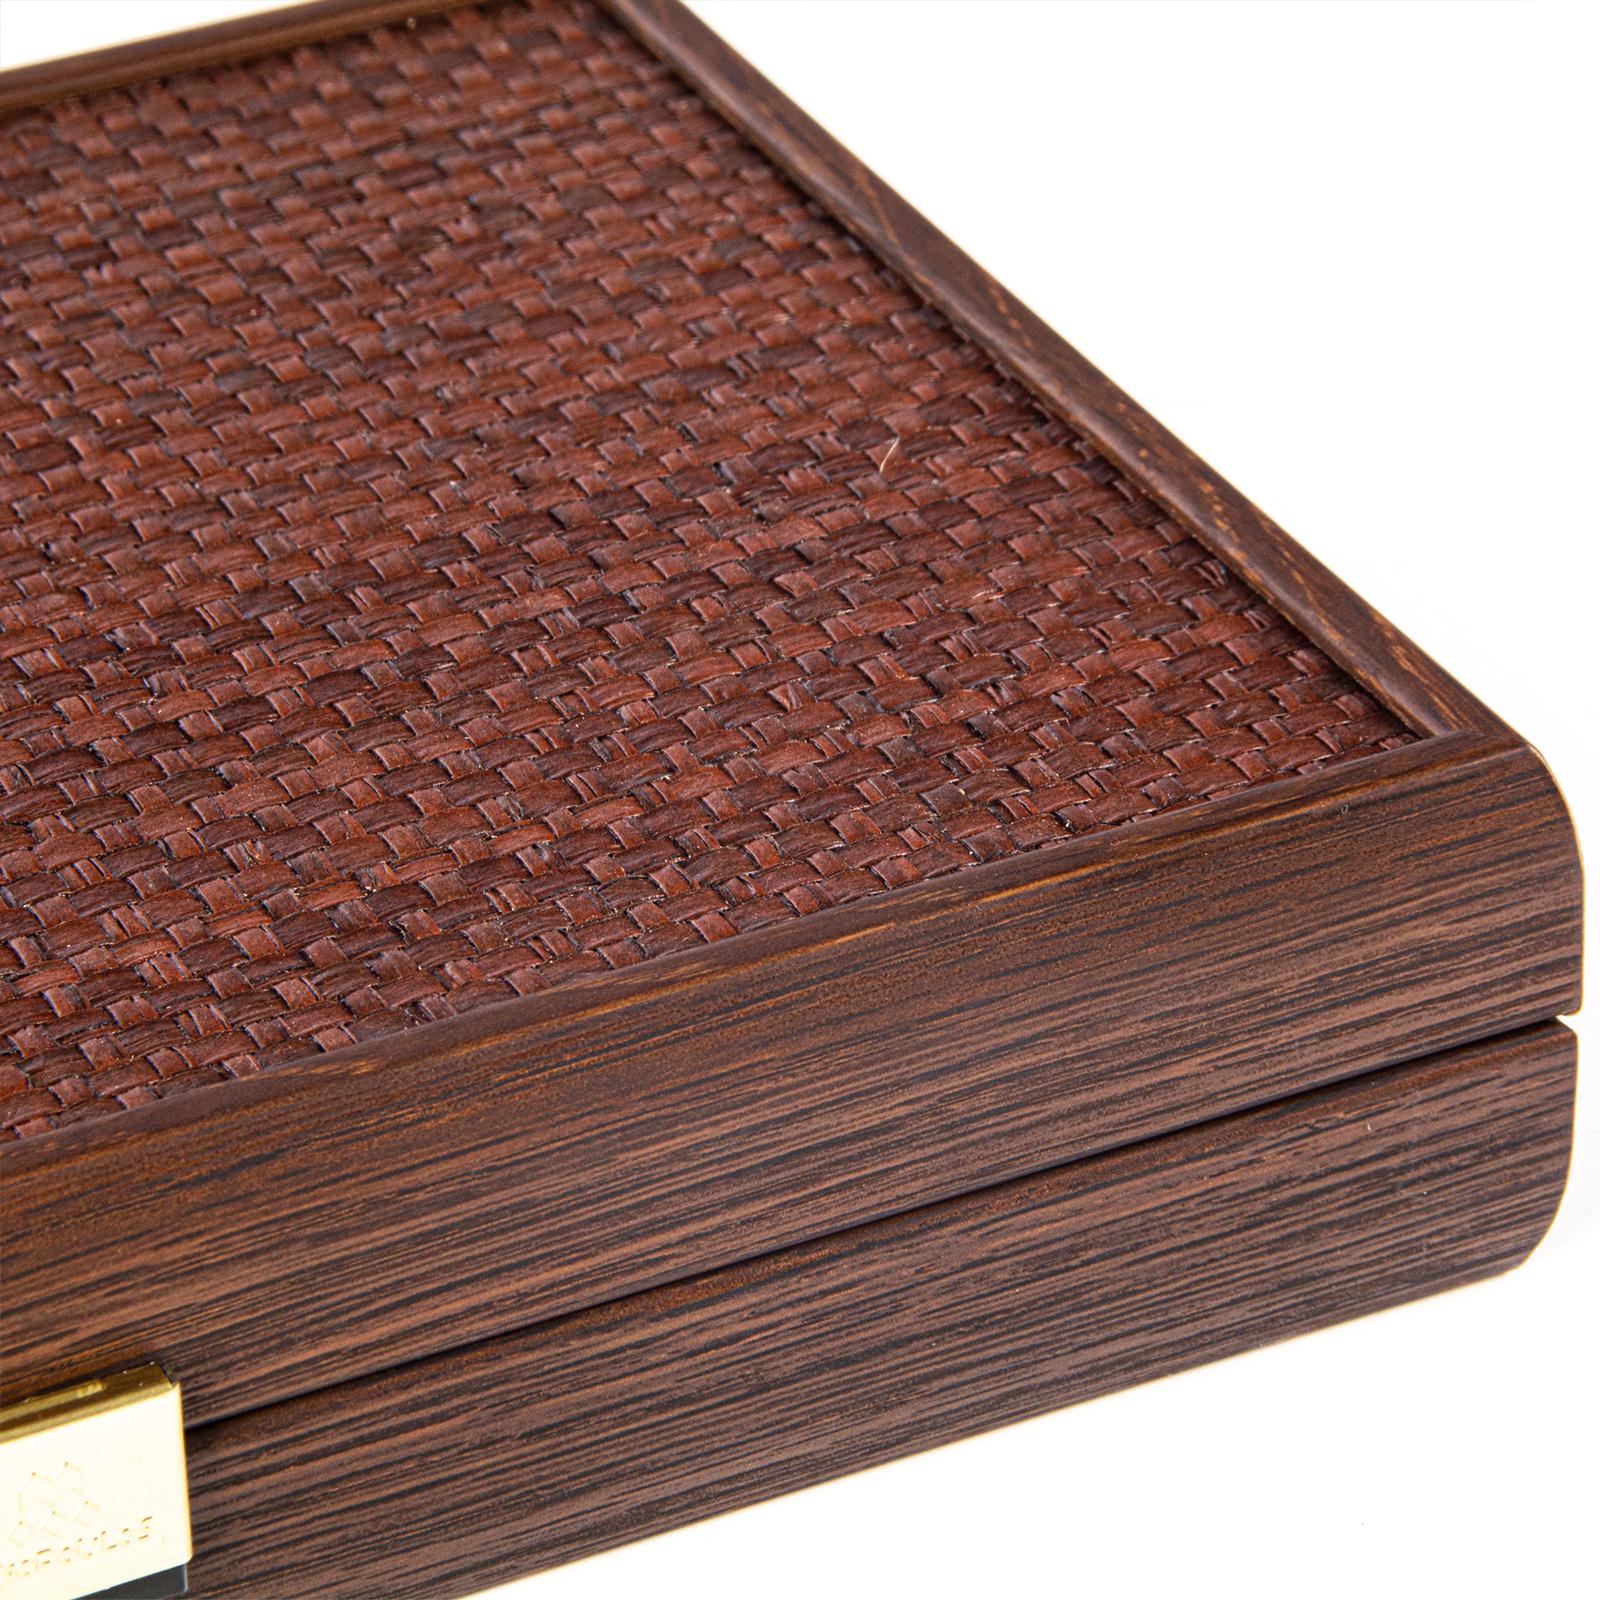 Backgammon Set Oeko-Leder aus Griechenland, handgefertigt 30x20 cm